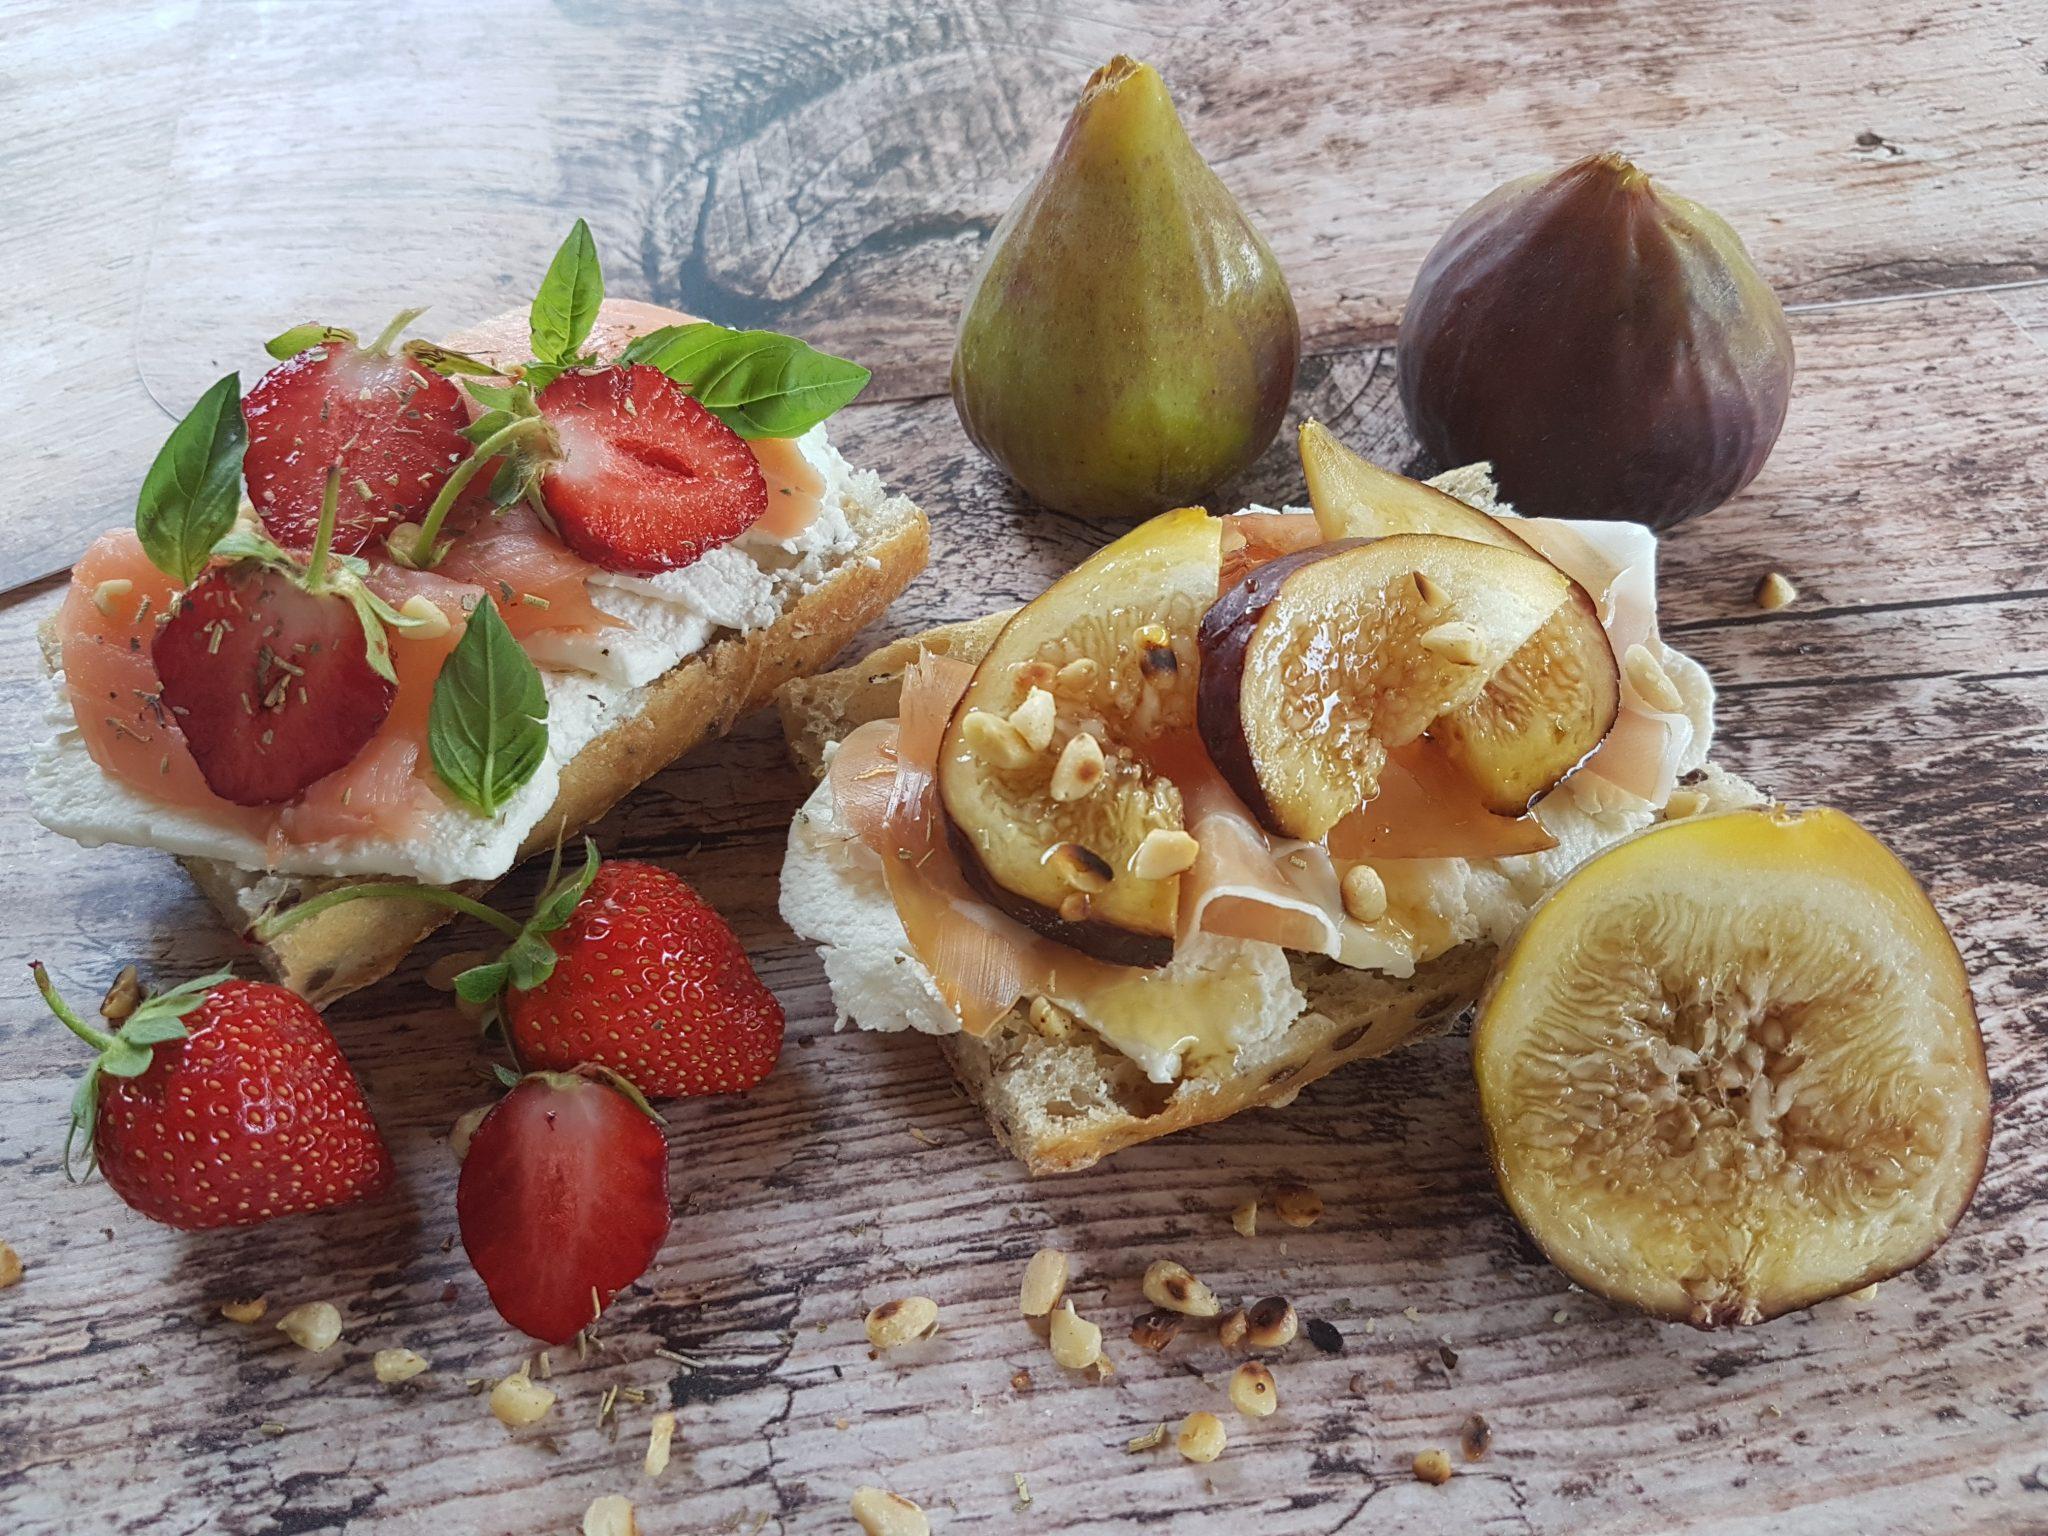 Wonderlijk Belegde broodjes voor een luxe lunch of picknick | Lekker Tafelen KE-62